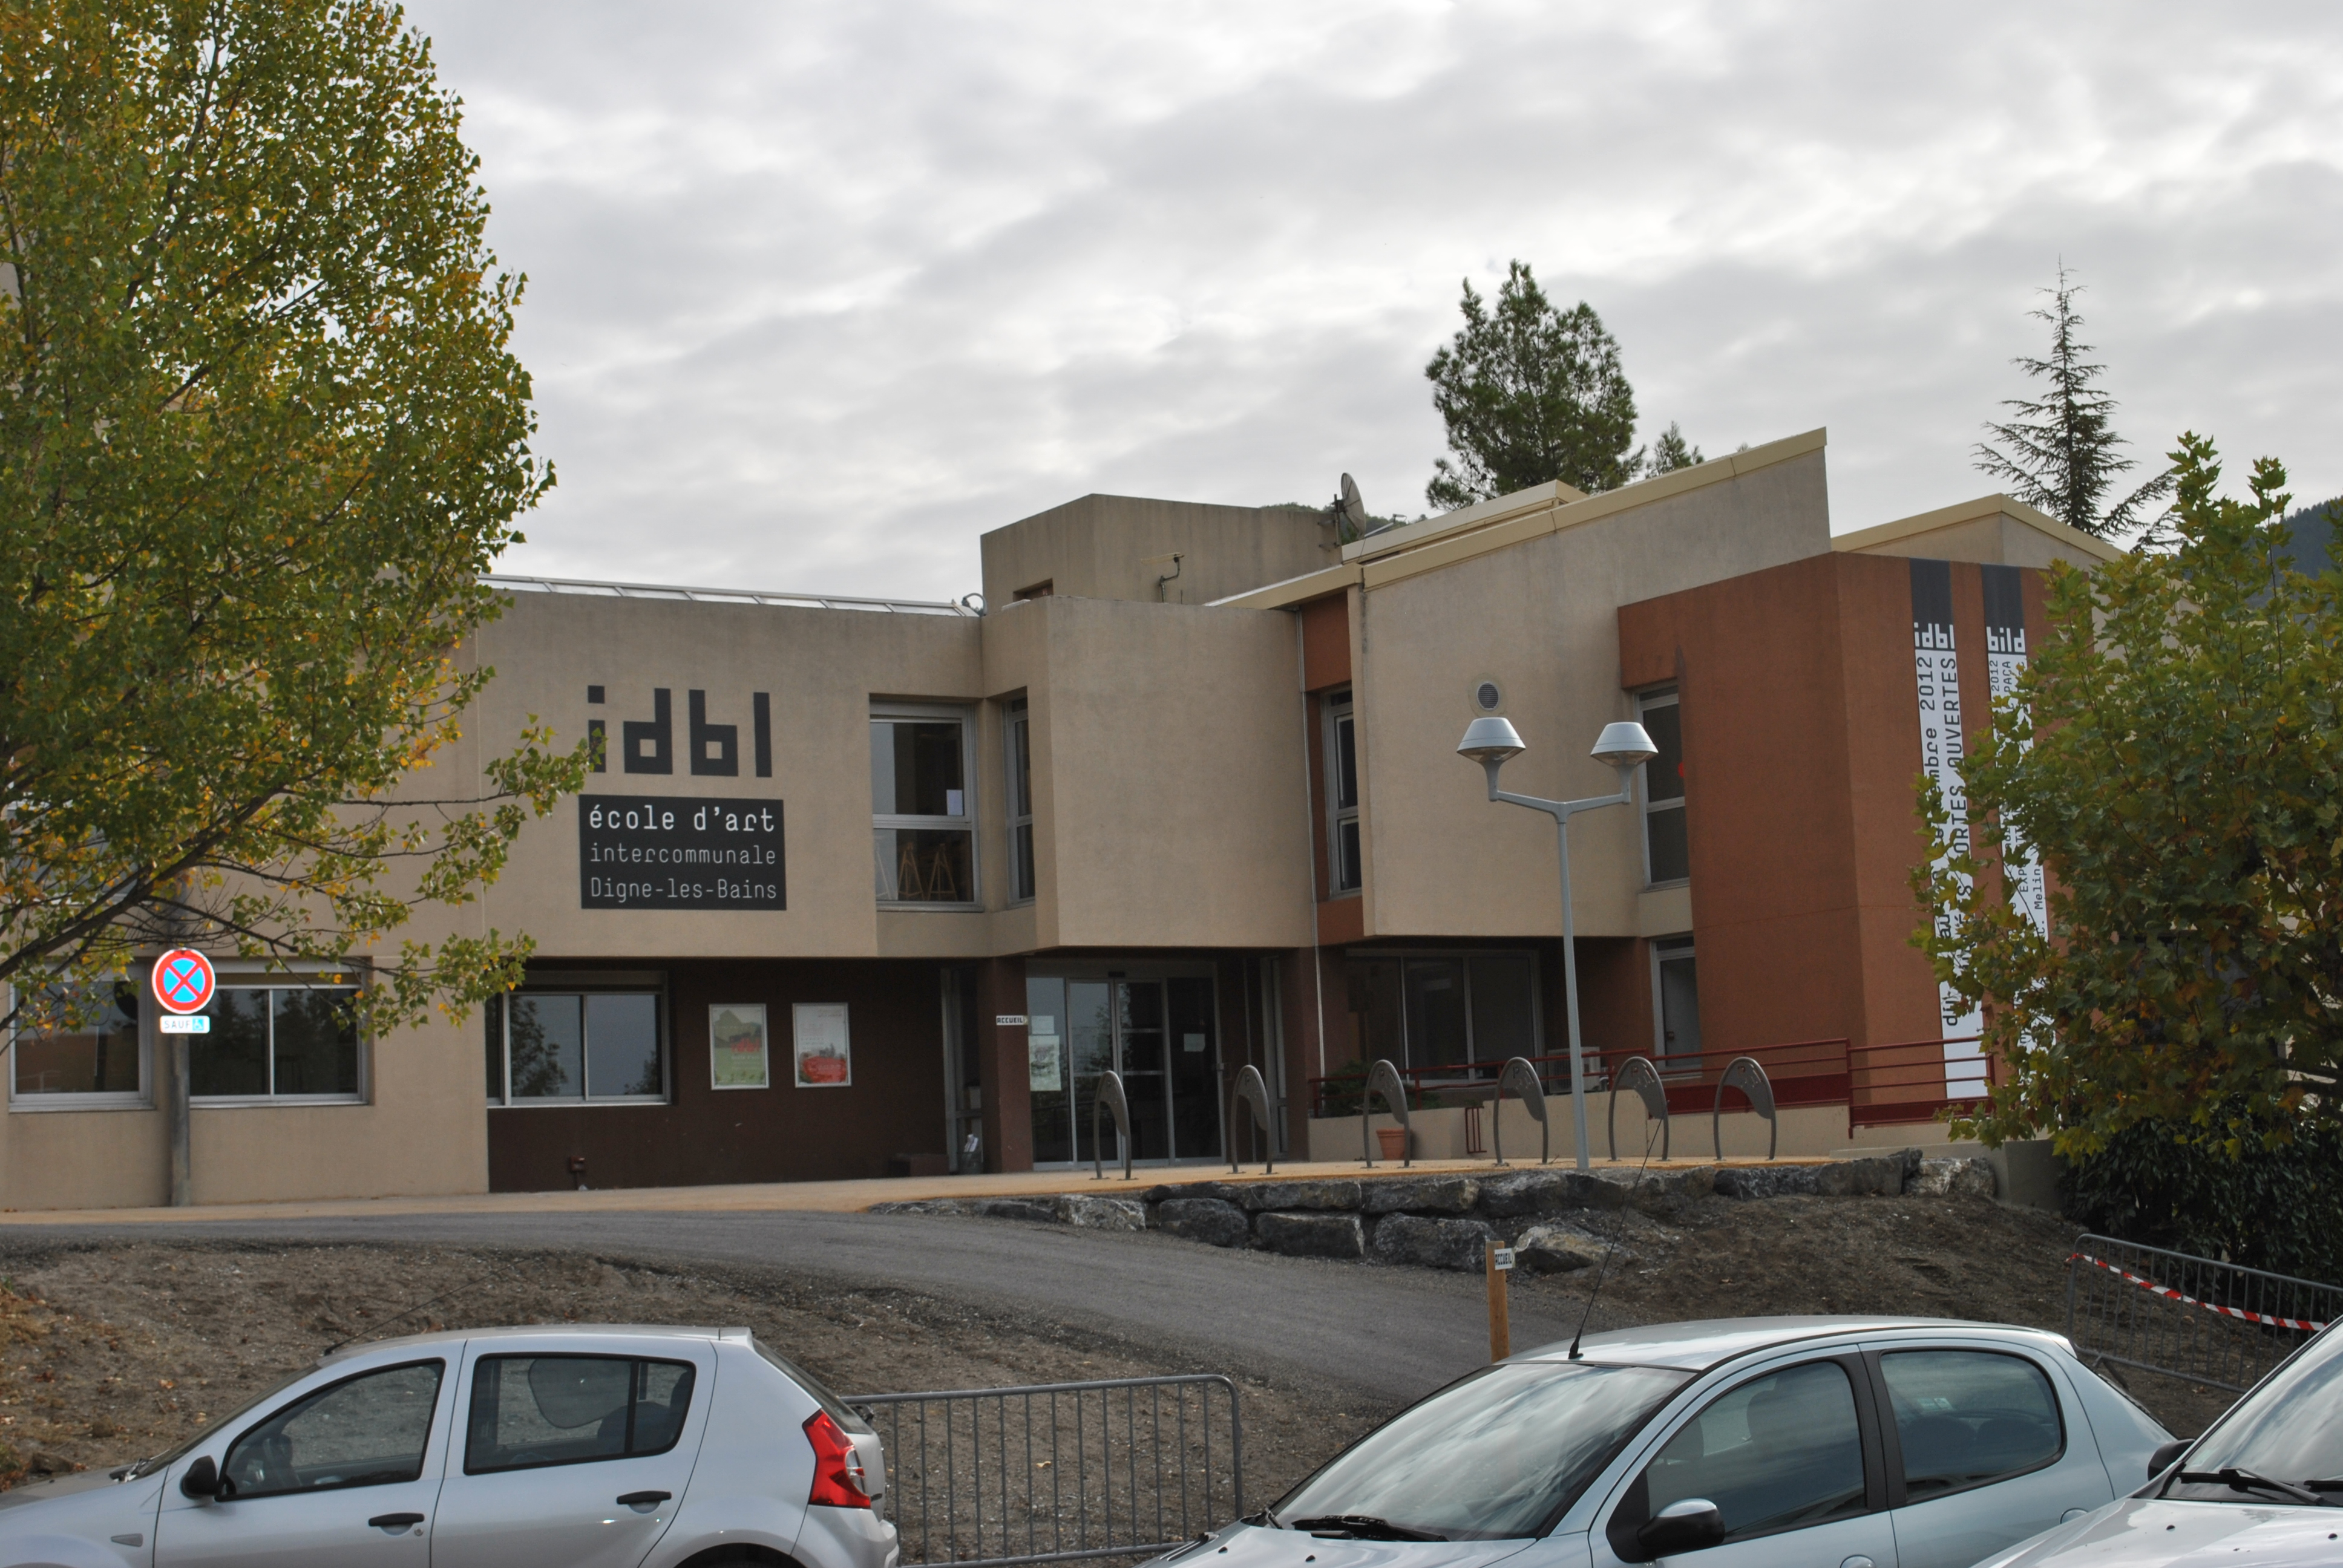 École d'art intercommunale idbl